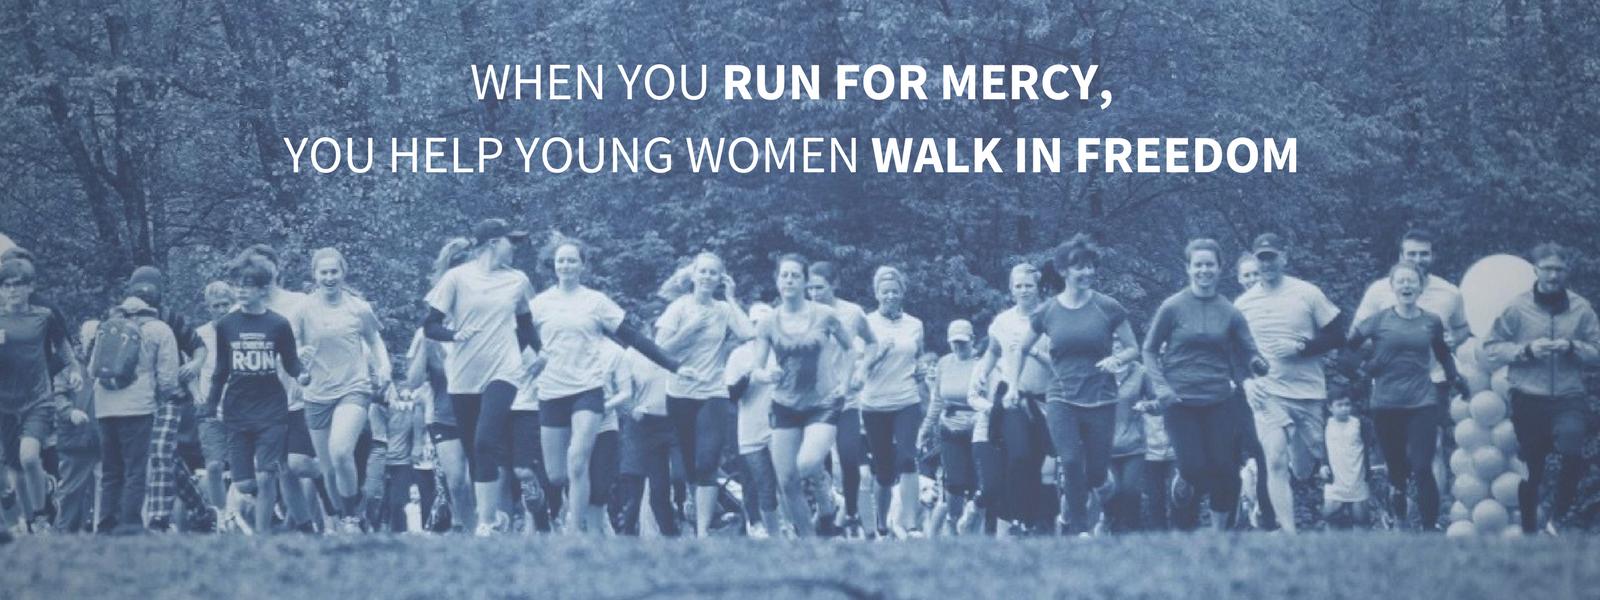 2018 Run for Mercy 5K & Family Walk